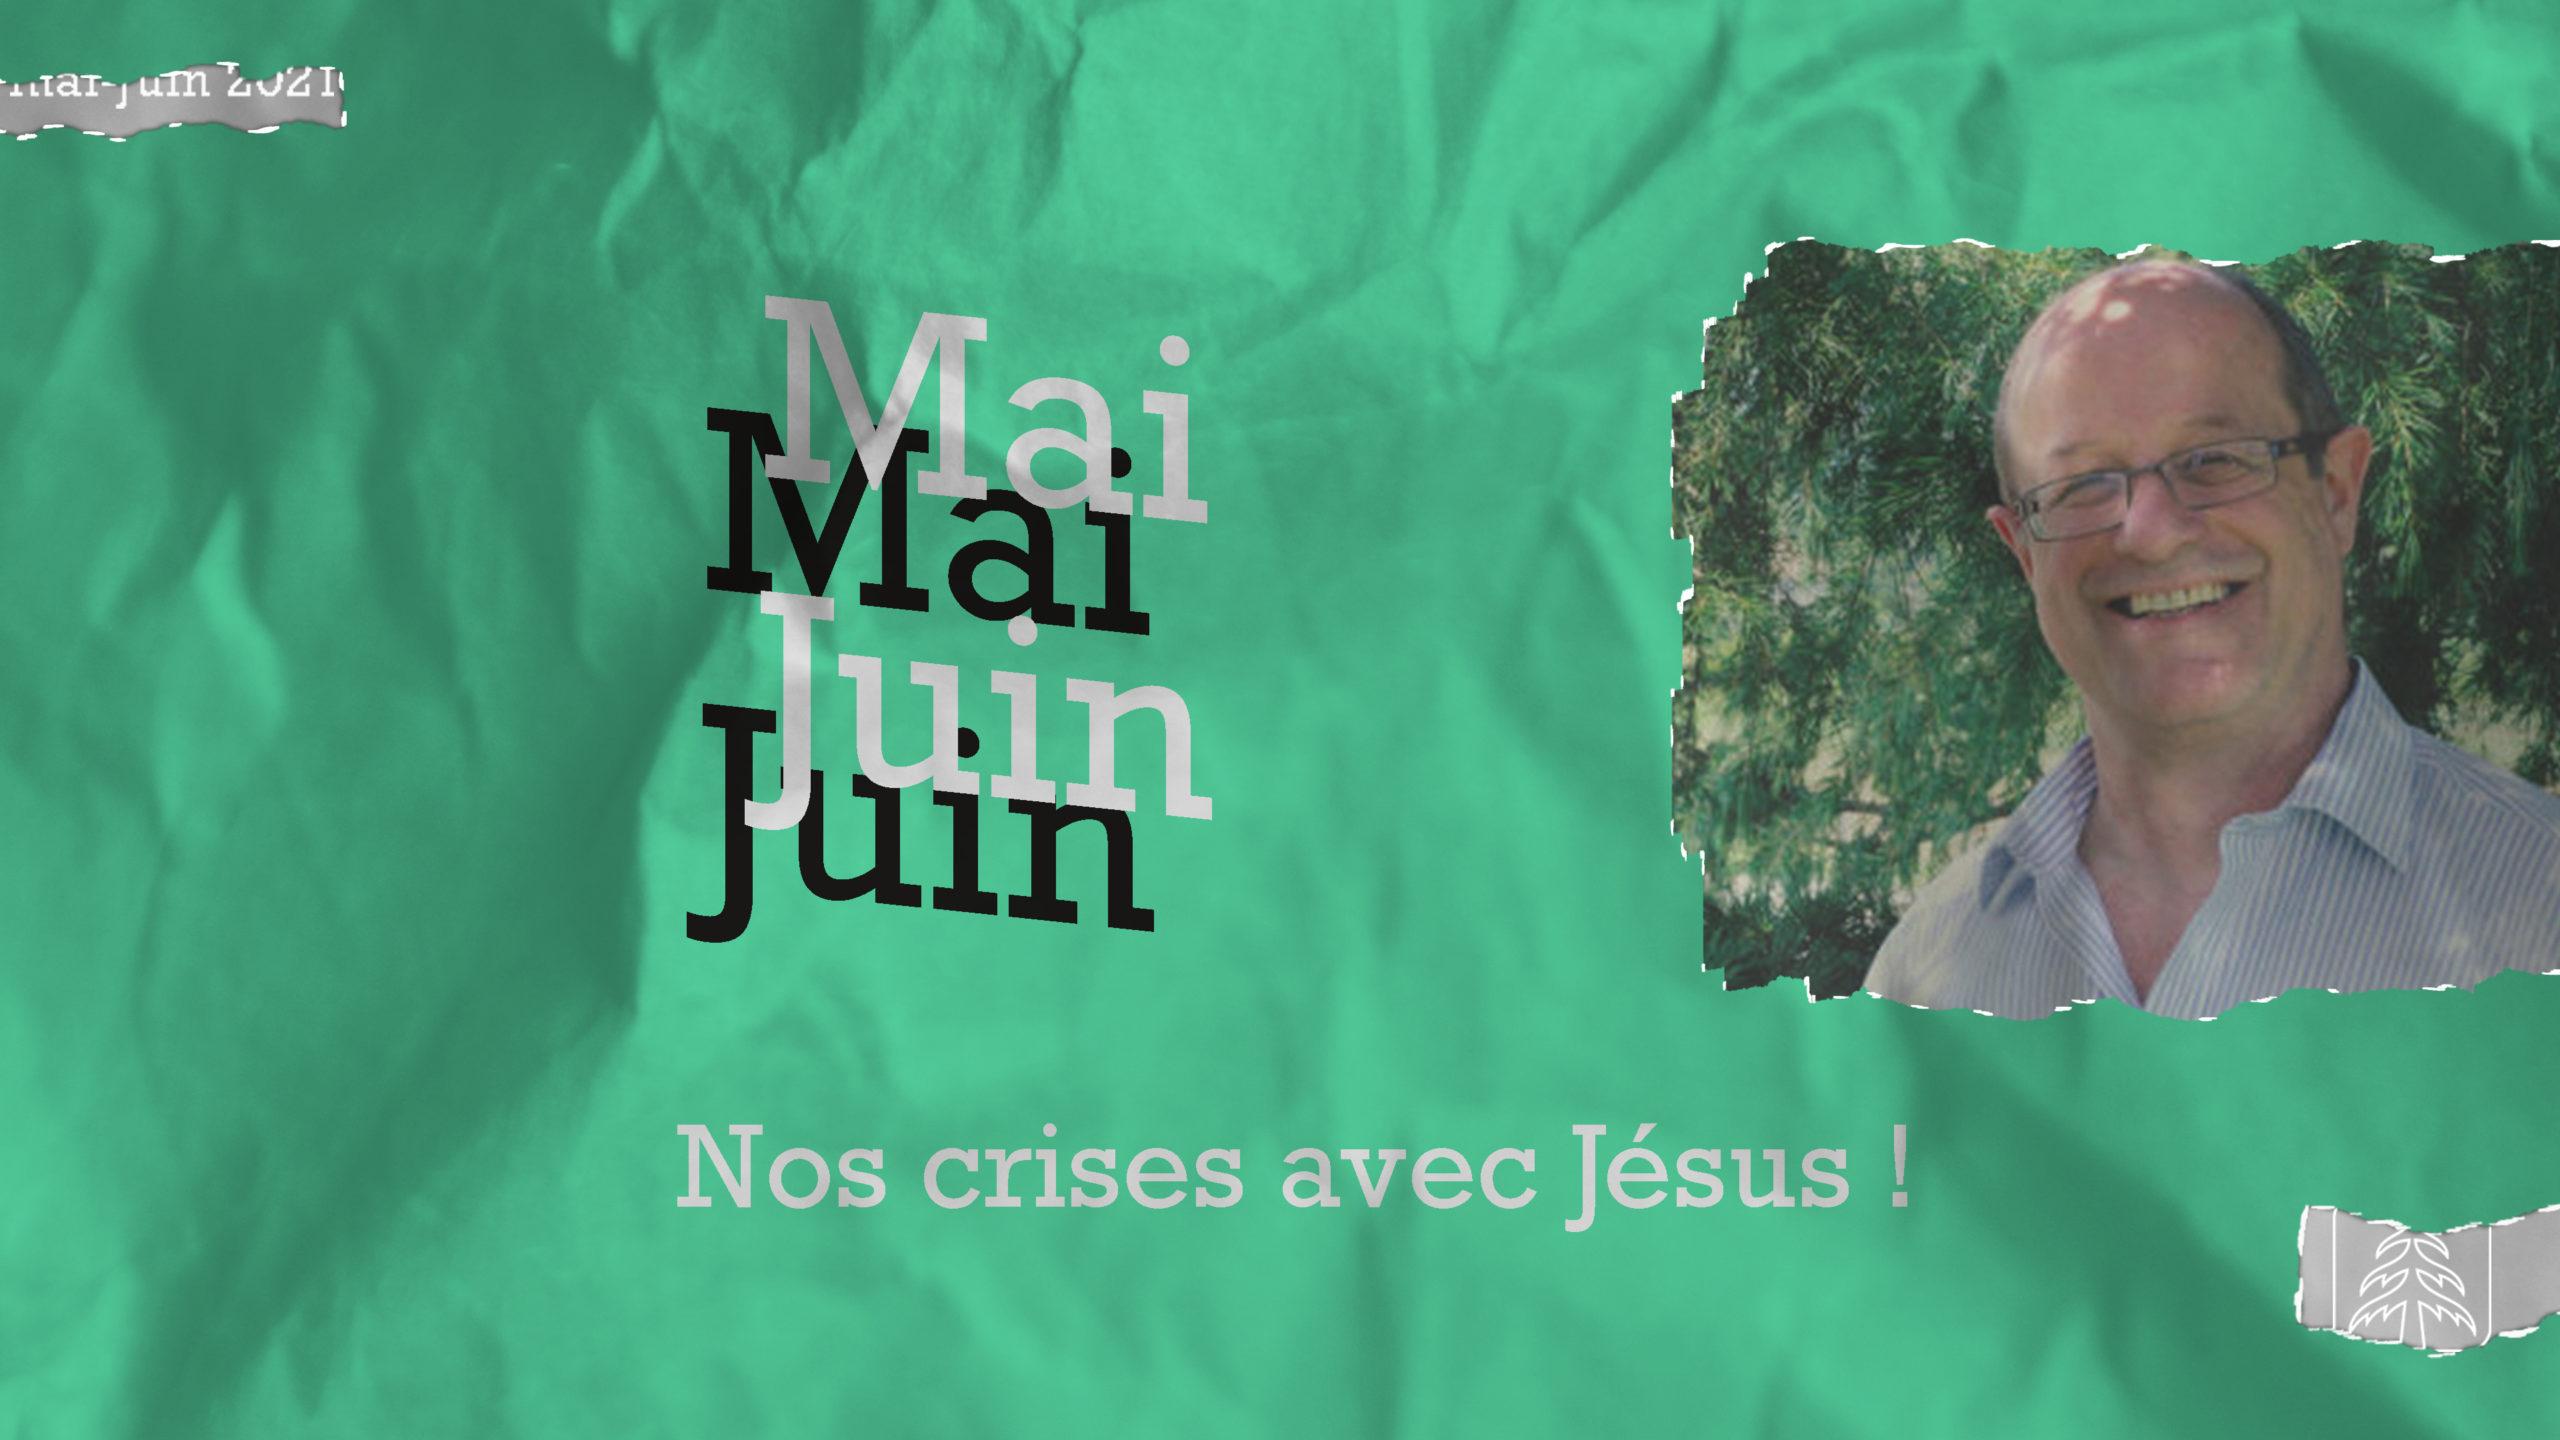 Les derniers jours de Jésu | 16 mai 2021 | Pierre-Alain Vauclair